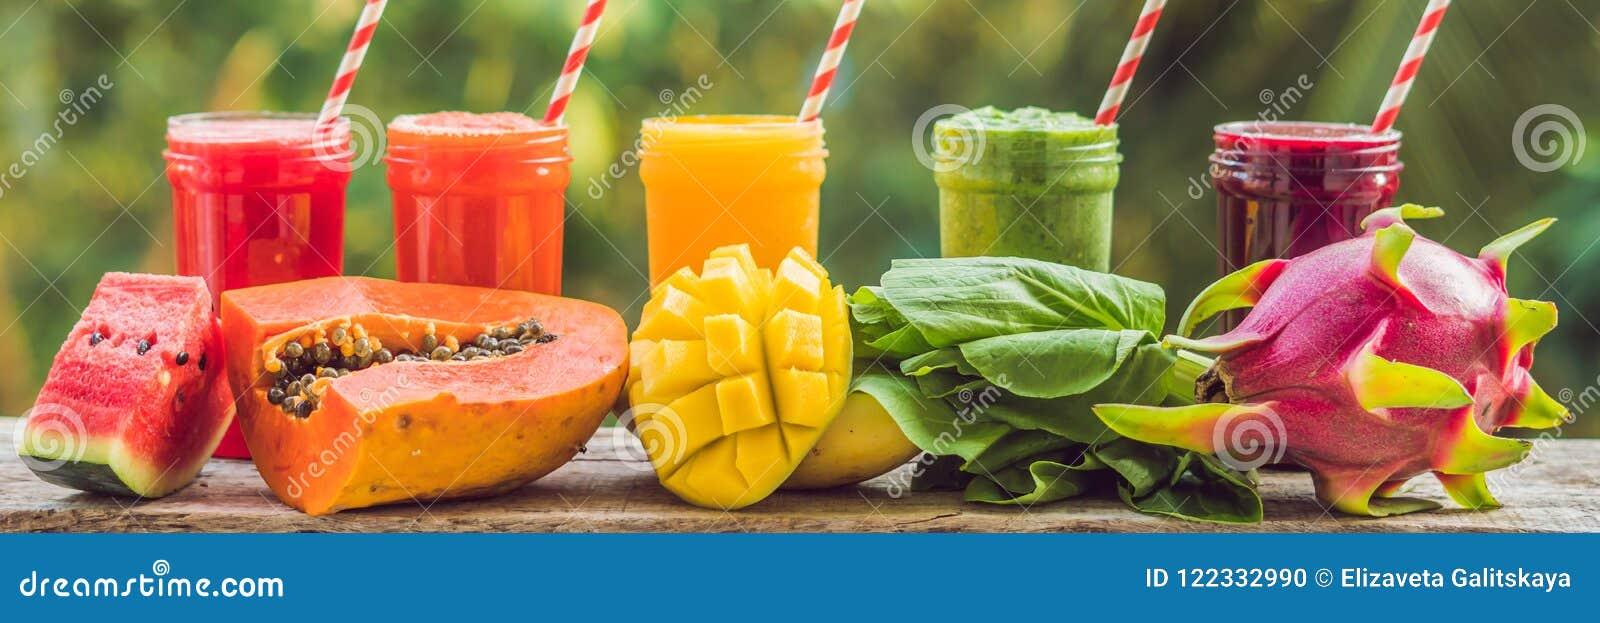 Regnbåge från smoothies Vattenmelon, papayaen, mango, spenat och draken bär frukt Smoothies fruktsafter, drycker, dricker variati